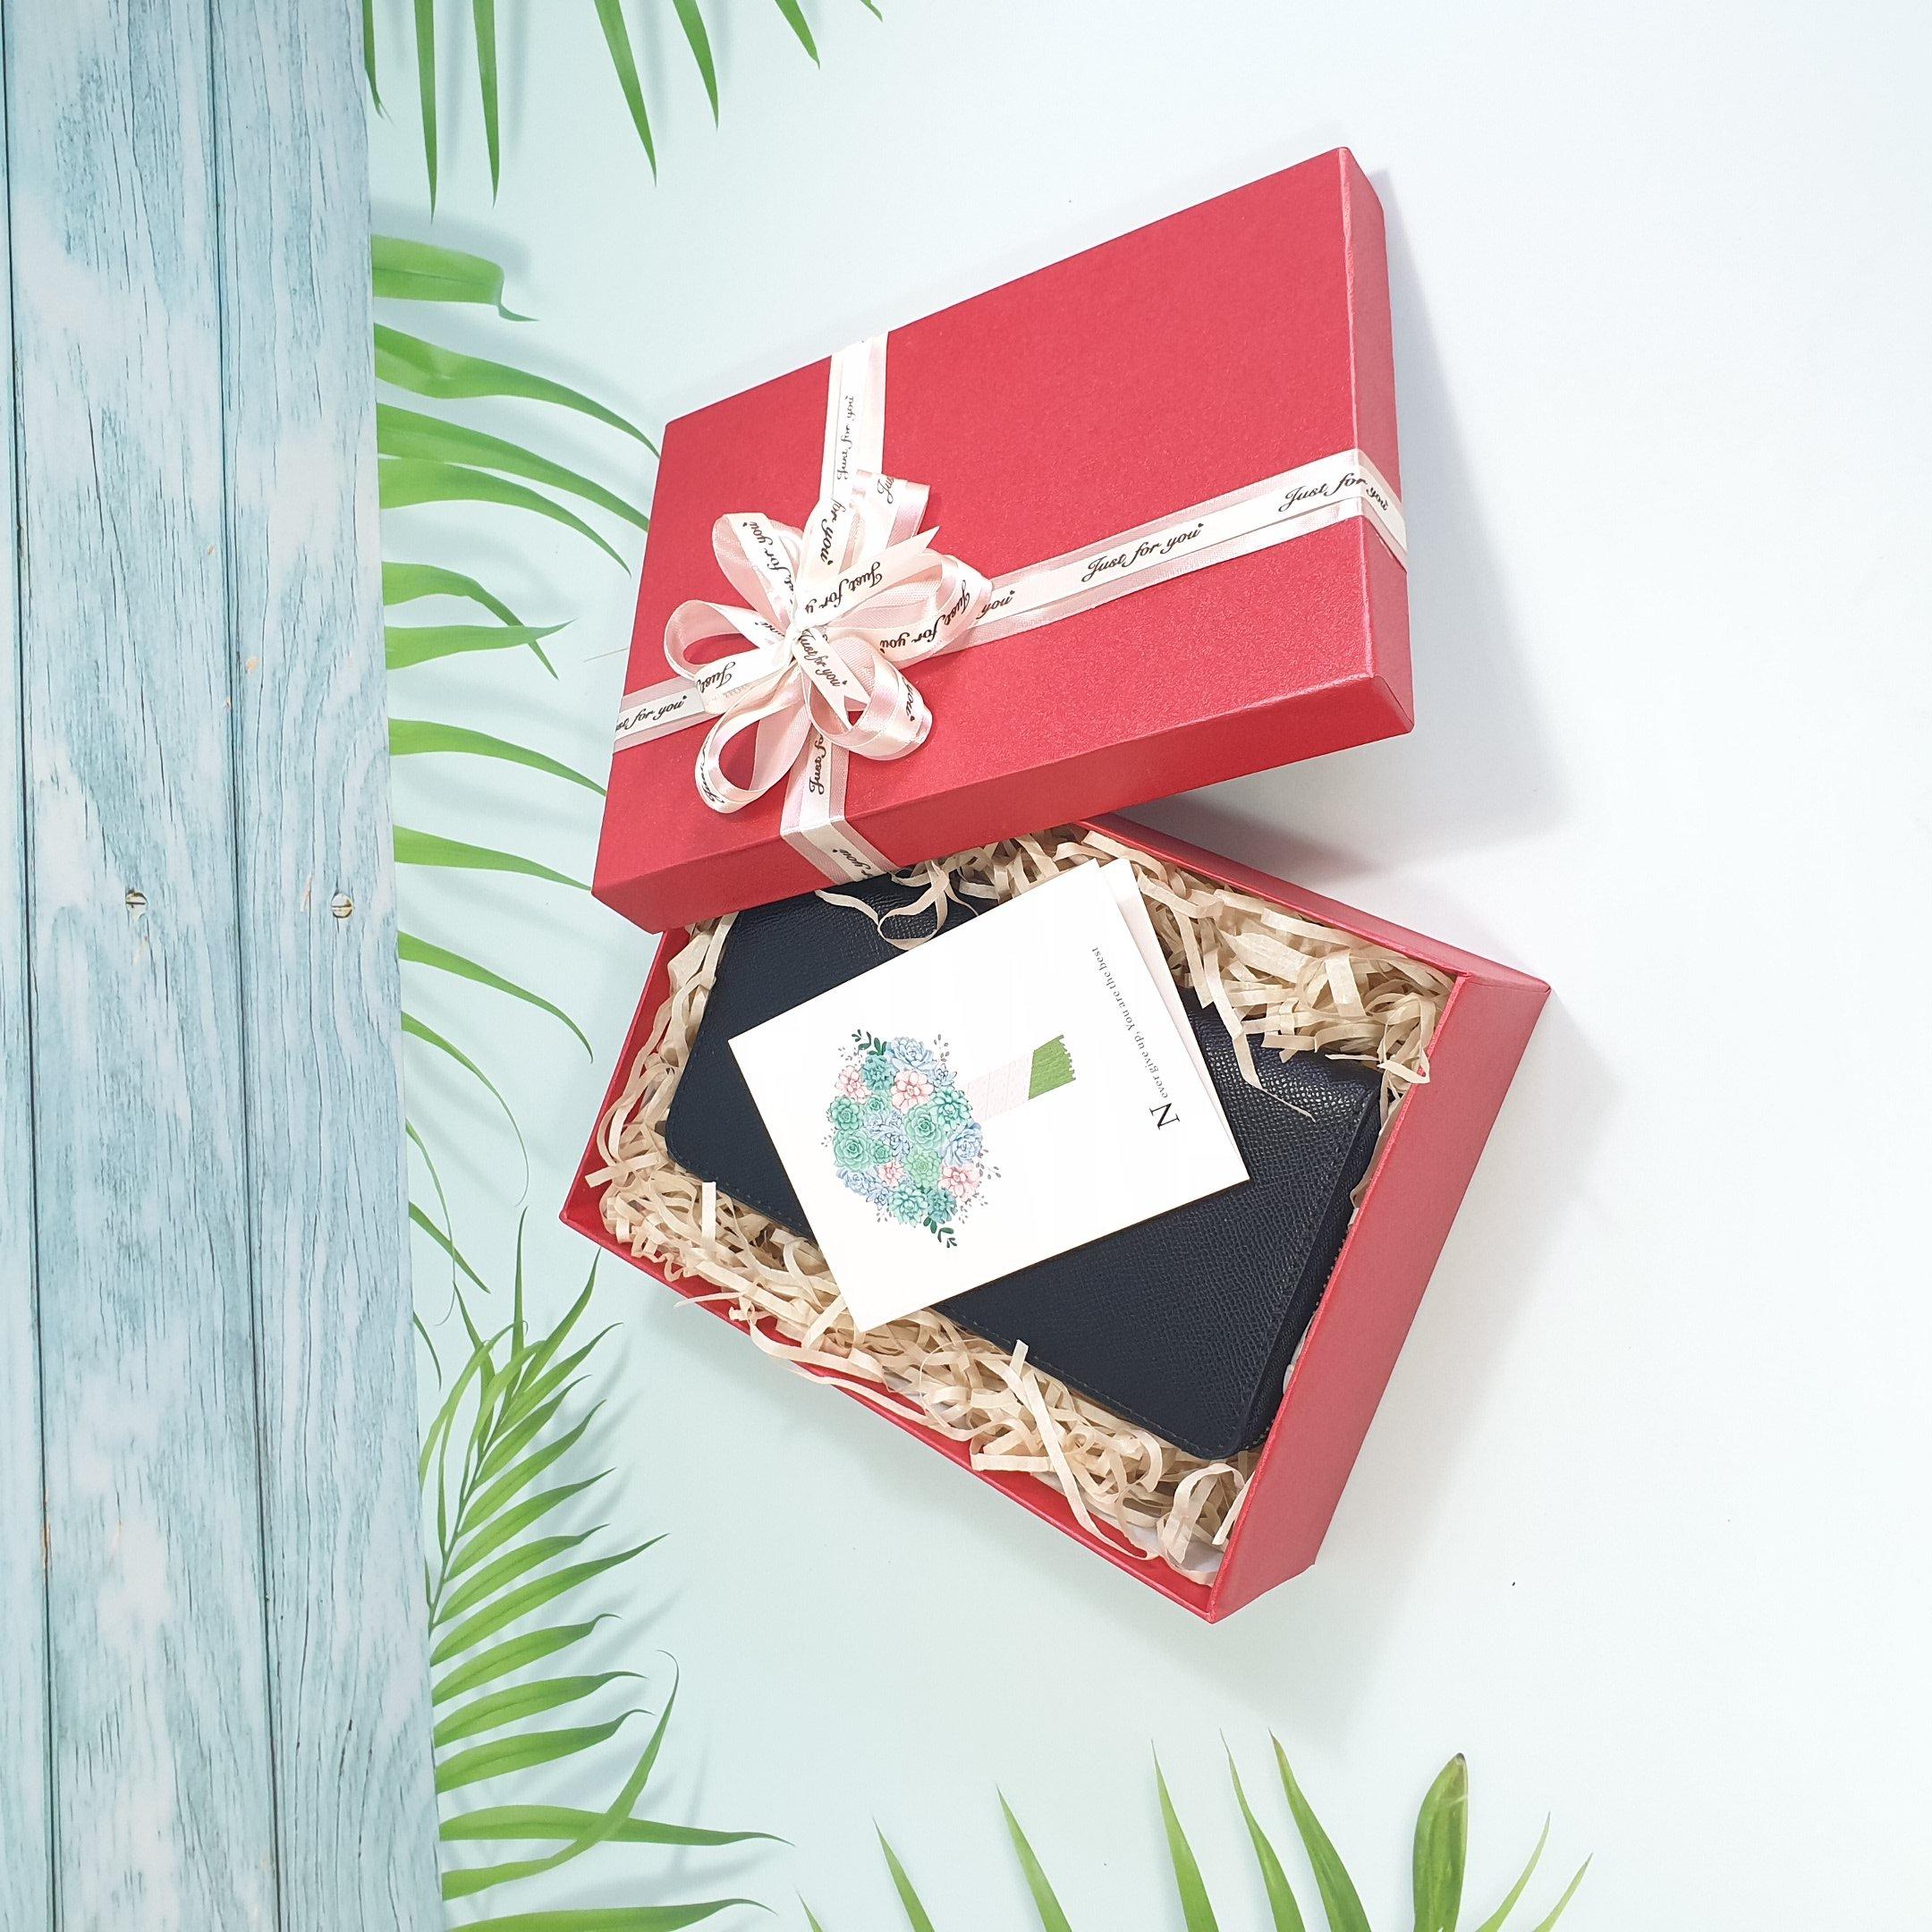 [Tặng thiệp + Giấy rơm] Hộp quà sinh nhật, hộp quà valentine tặng người yêu 23x17x7cm - HQ24